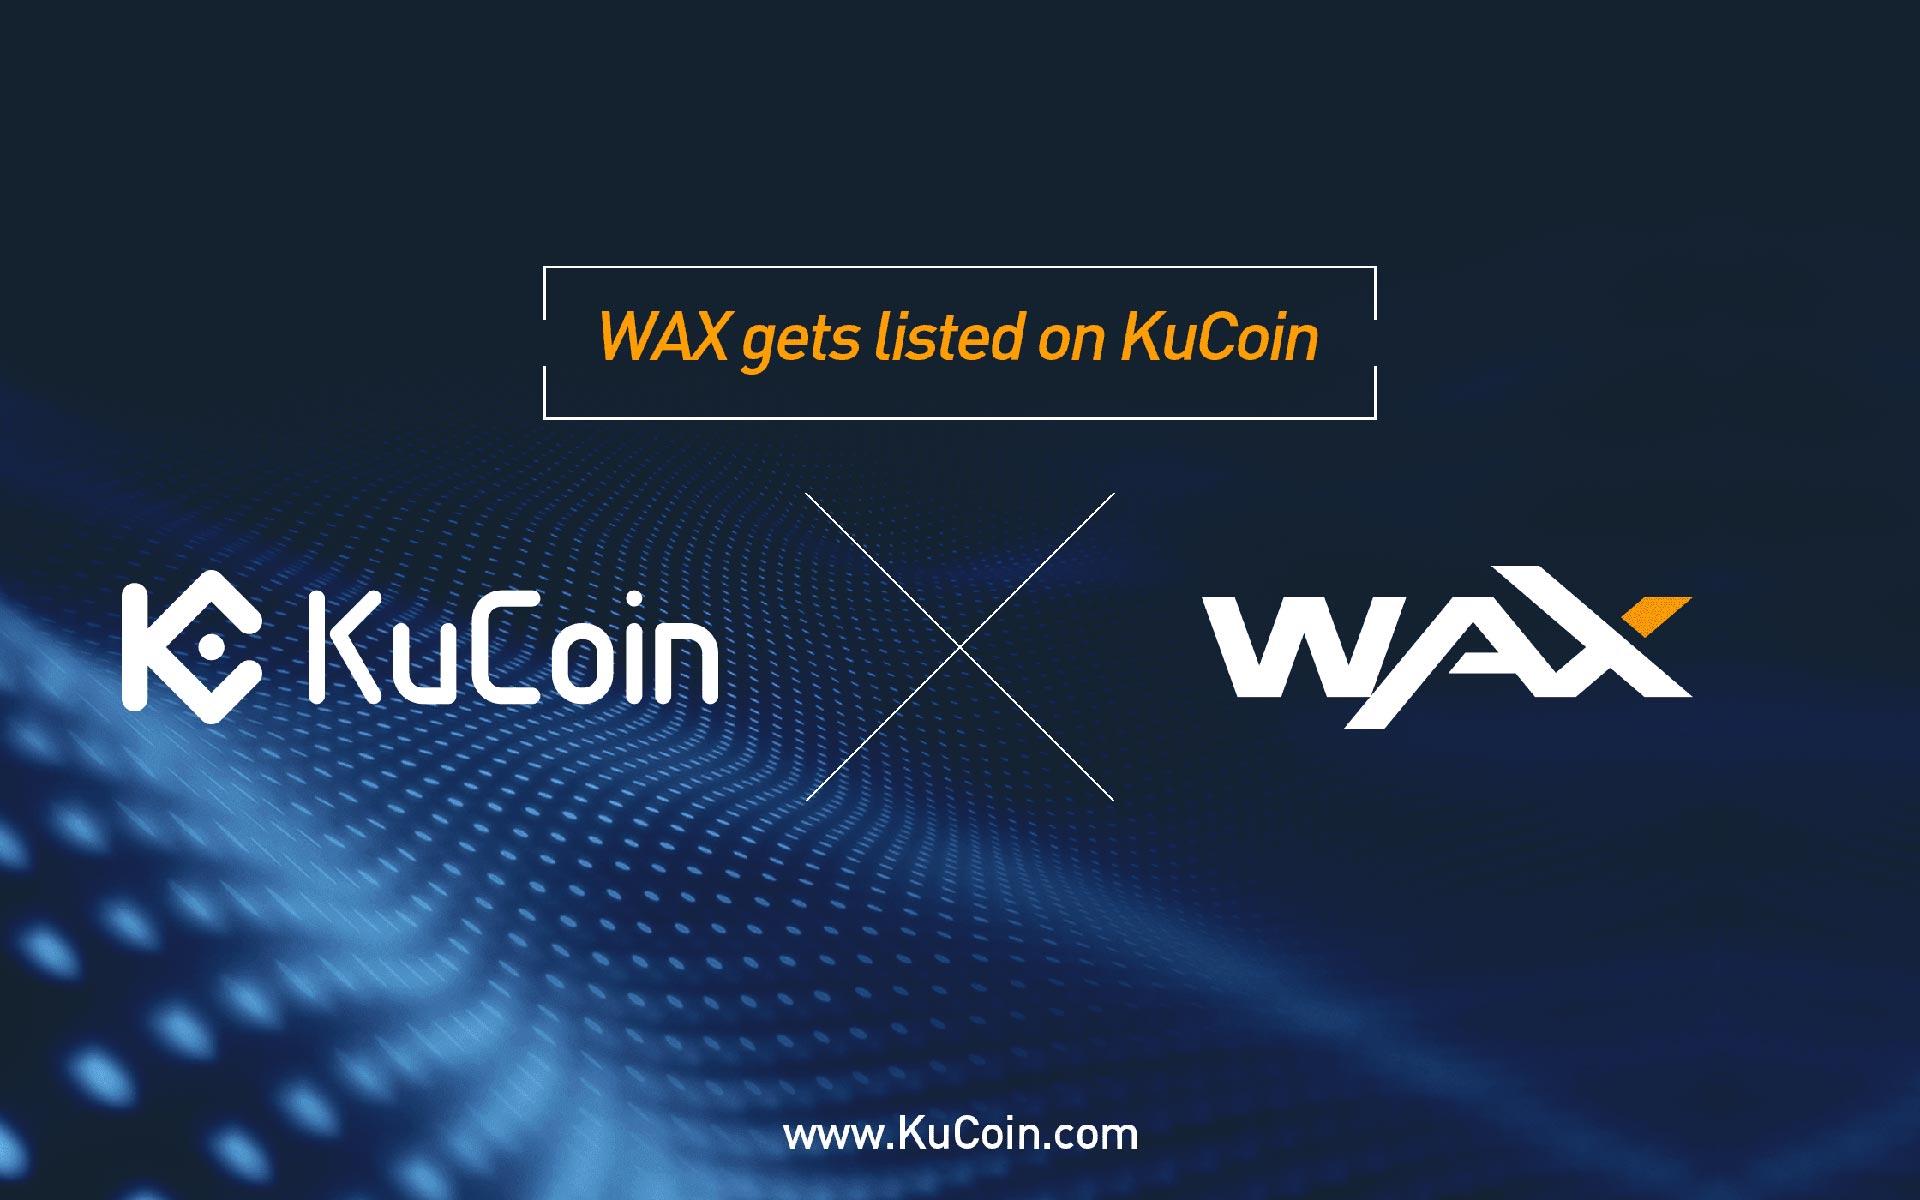 Wax(Wax) Gets Listed on Kucoin!